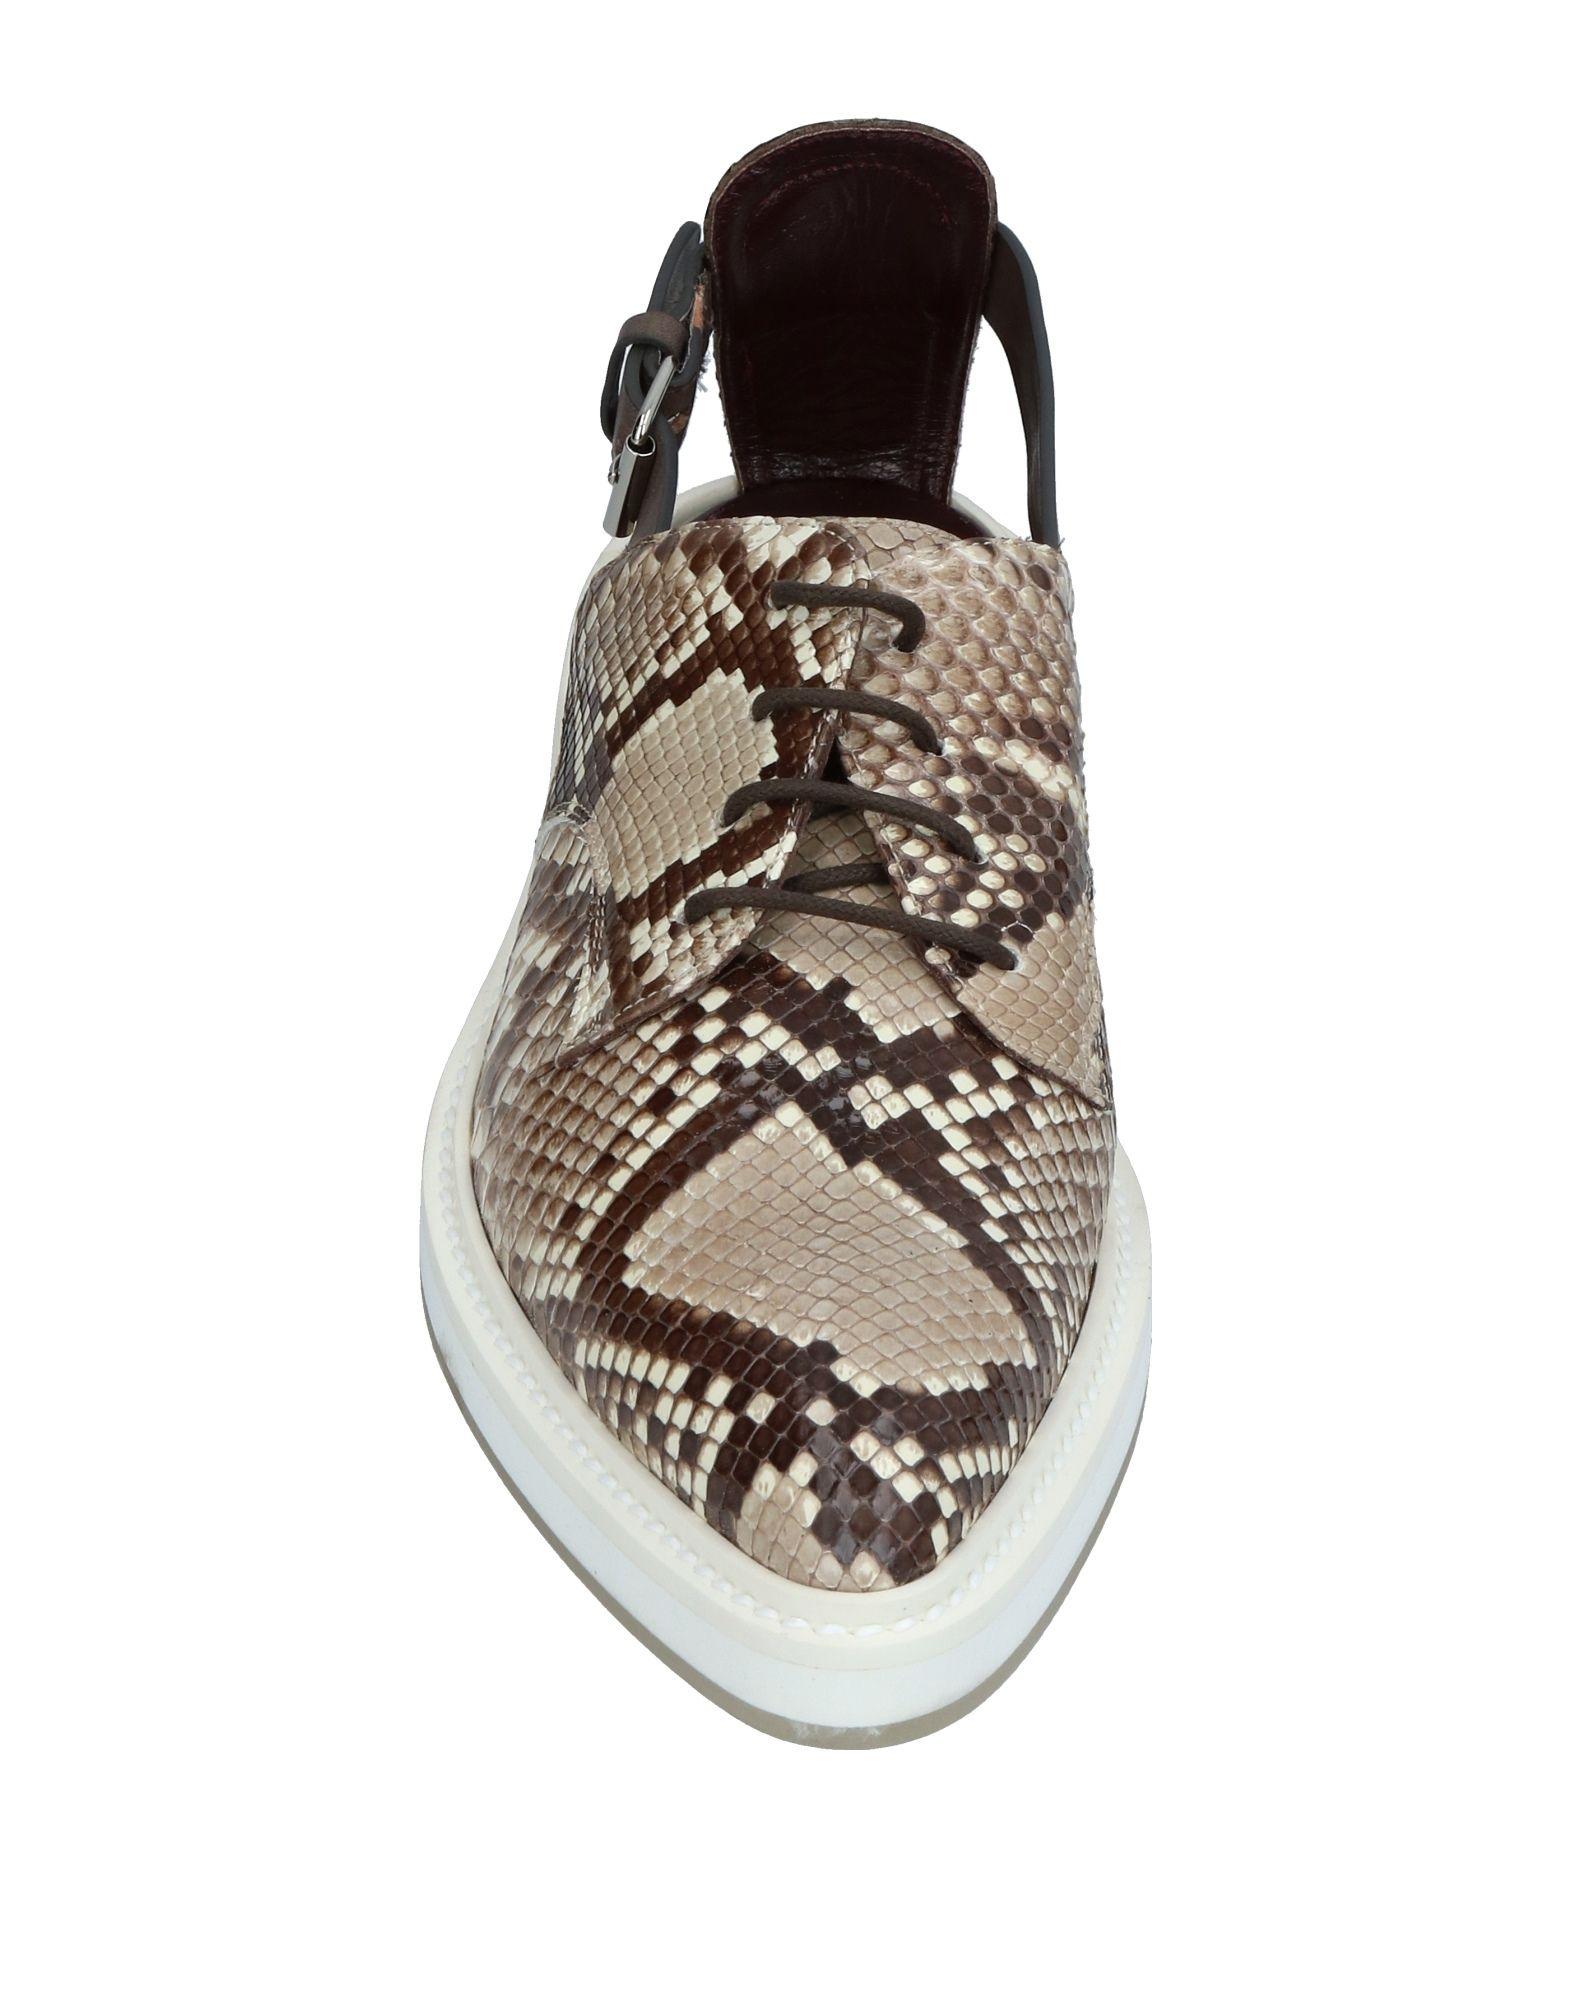 Stilvolle billige Schuhe Antonio Marras 11386509TR Schnürschuhe Damen  11386509TR Marras 44c345